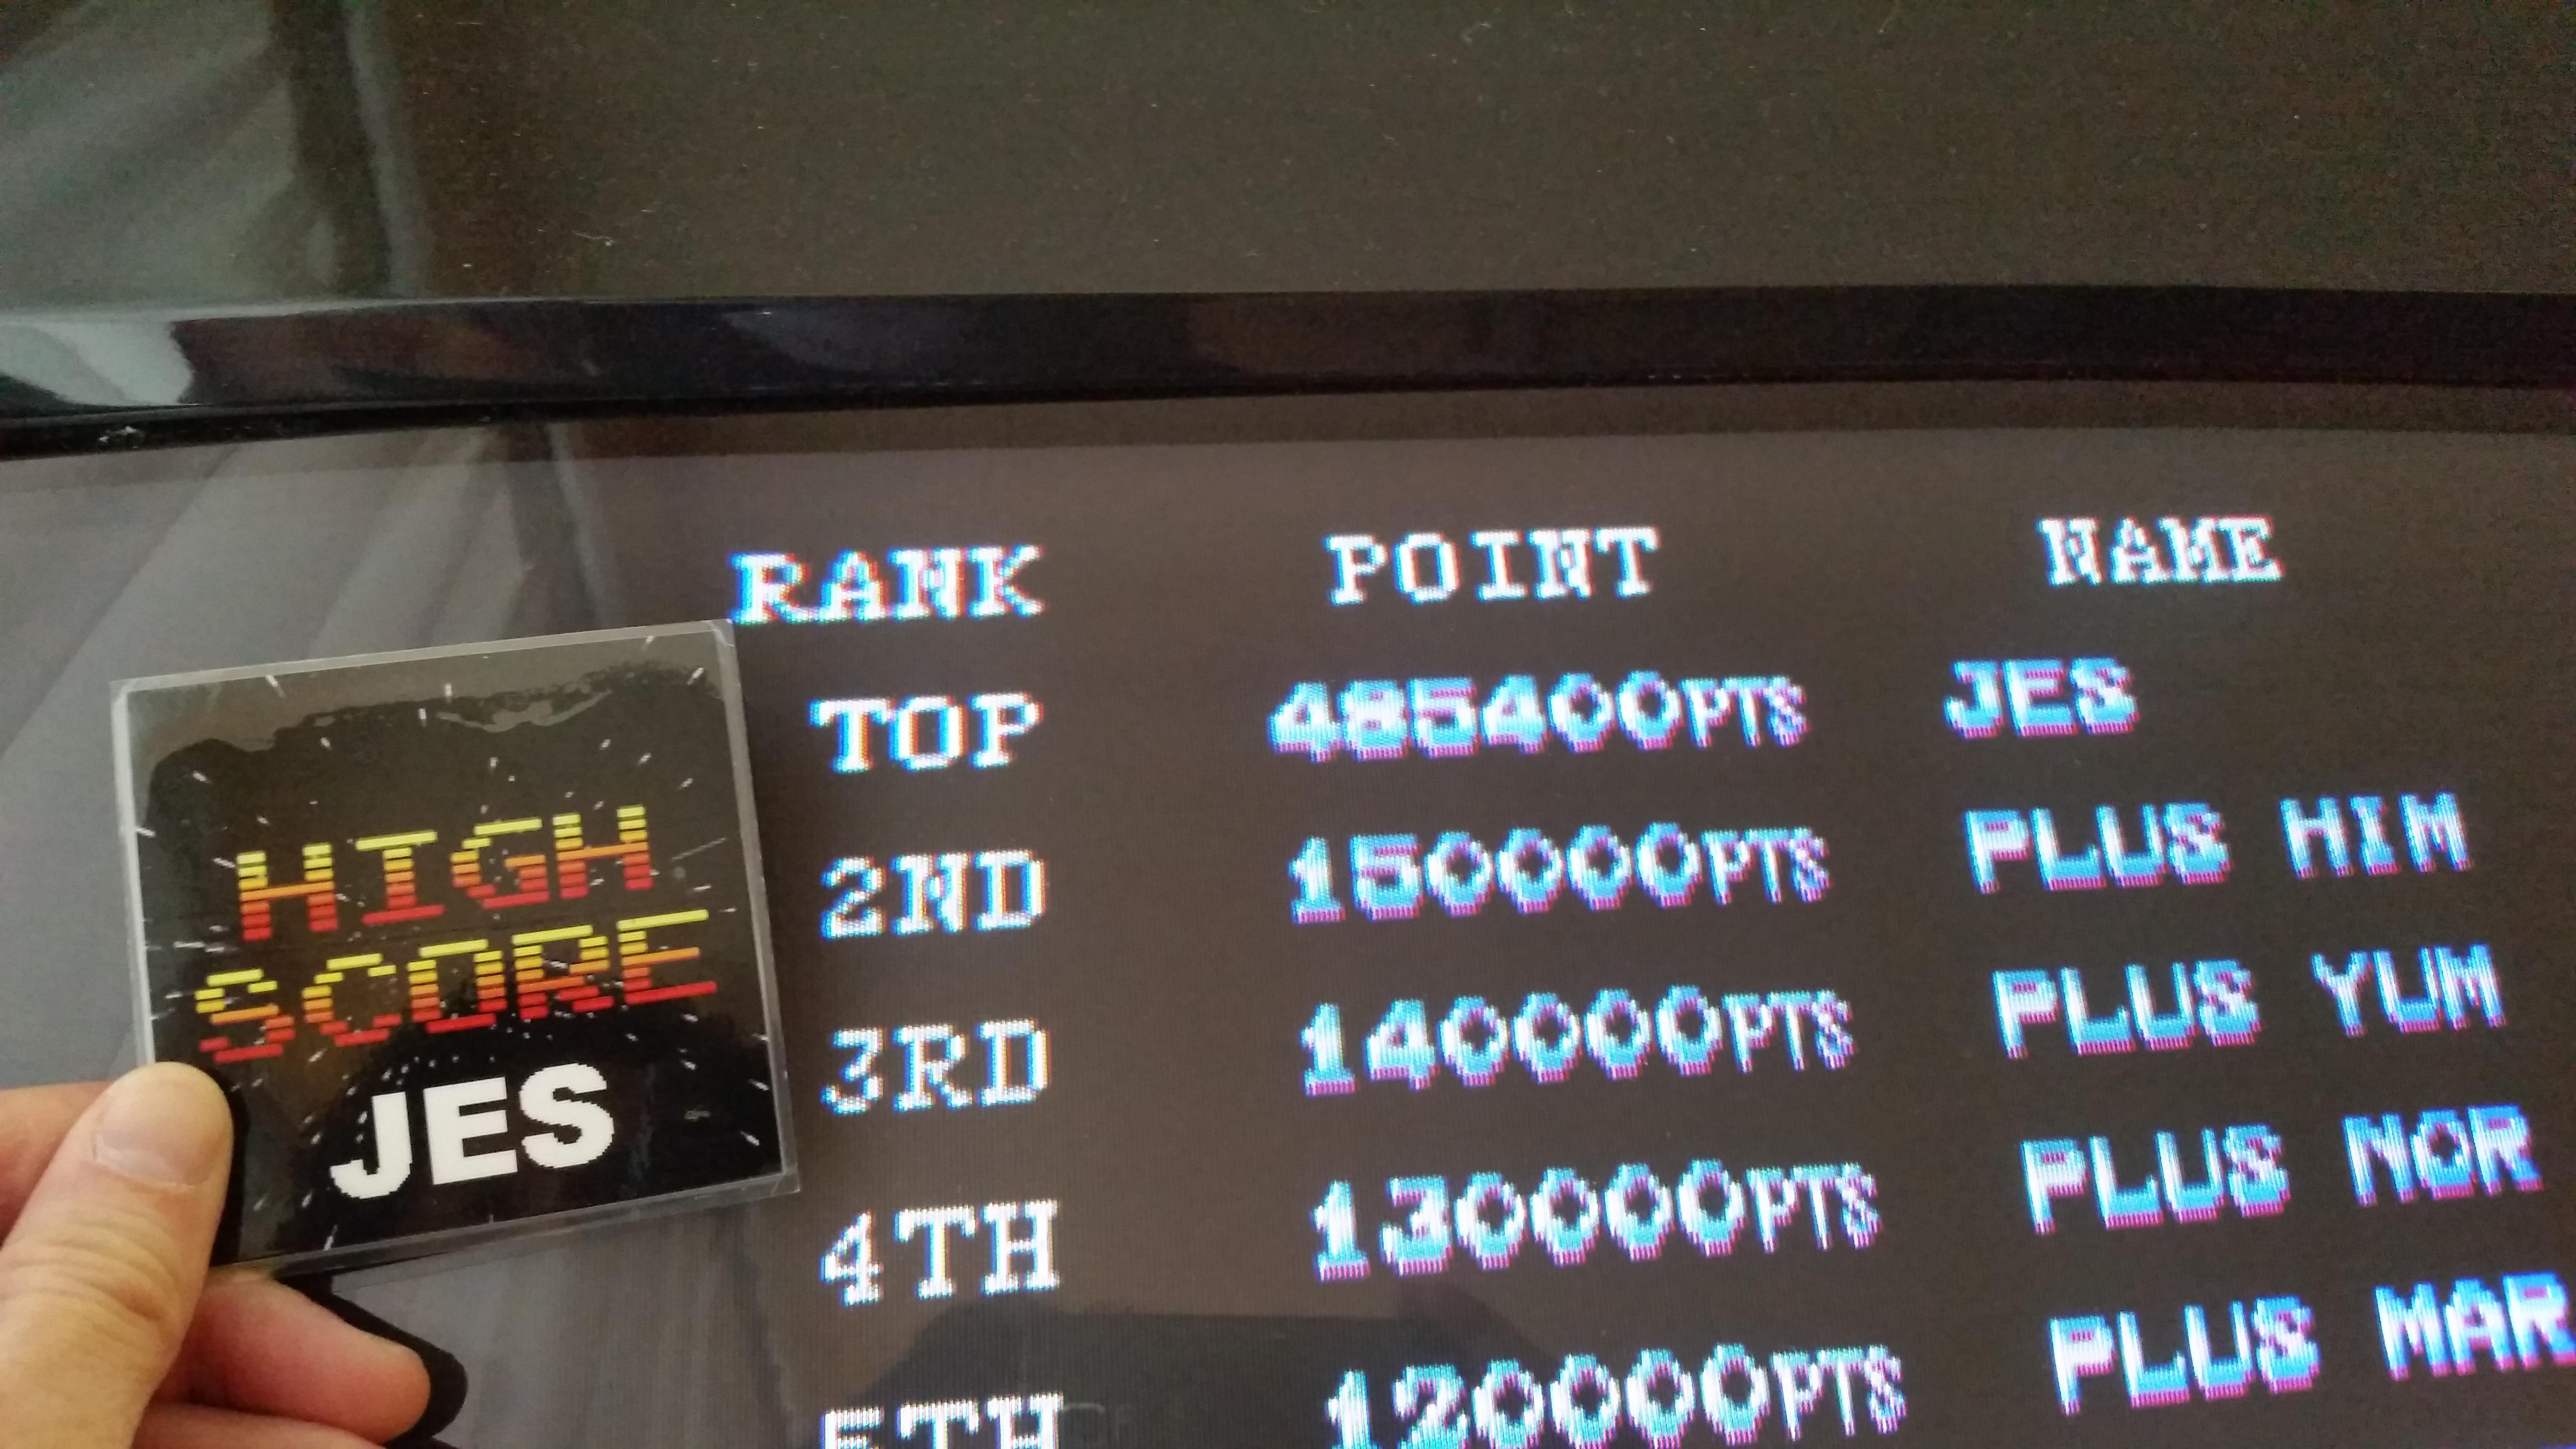 Plus Alpha [plusalph] 485,400 points